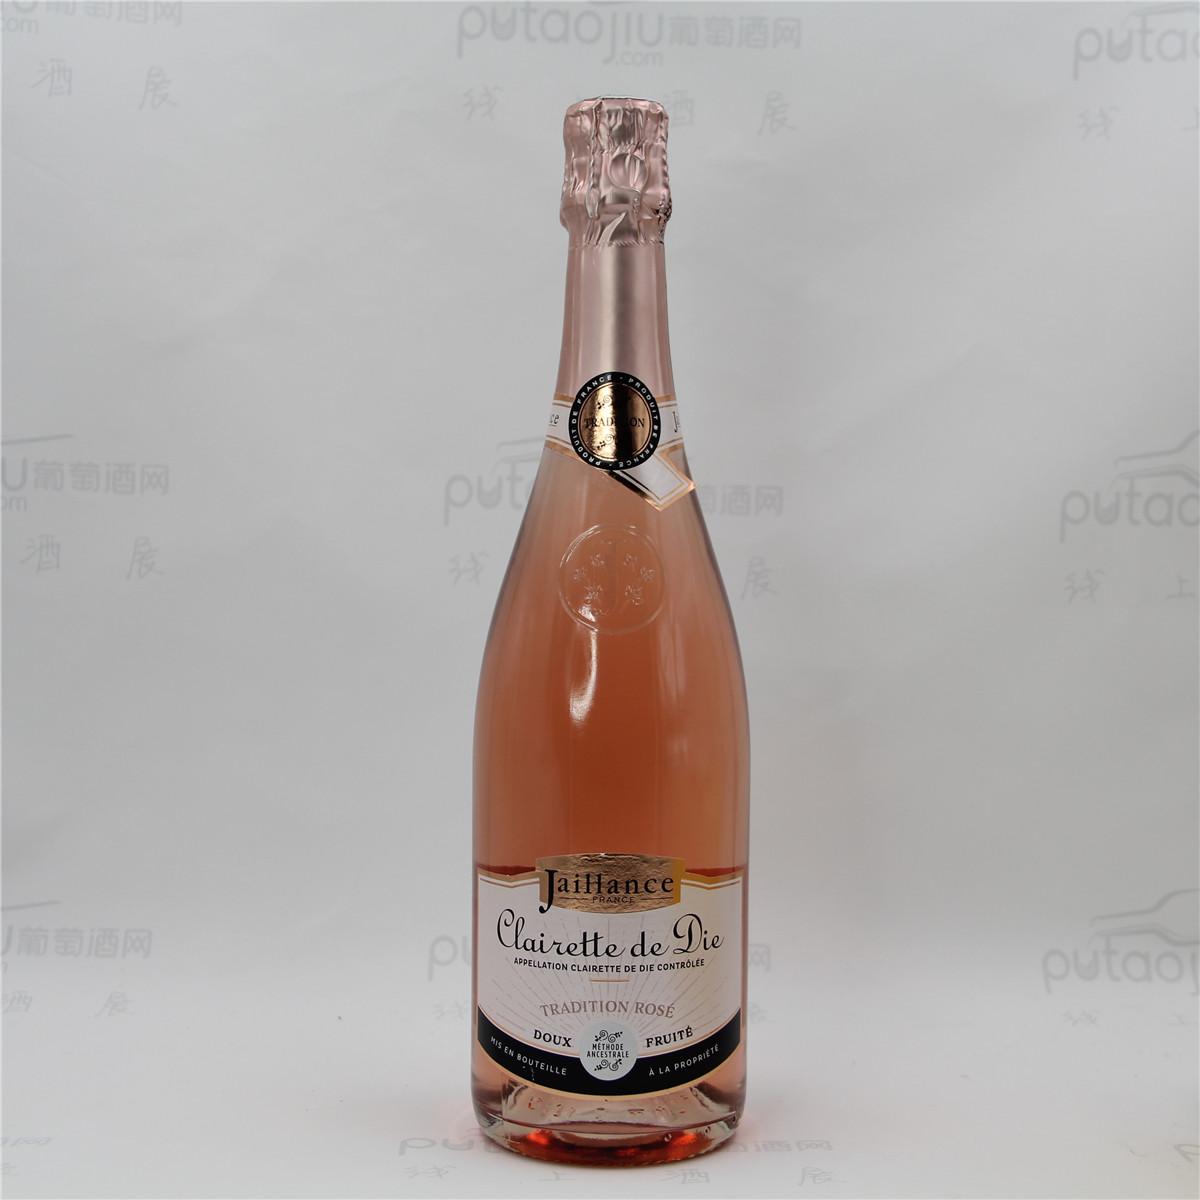 法國波爾多雅釀絲酒莊佳美麝香粉紅女郎AOC高泡甜葡萄酒